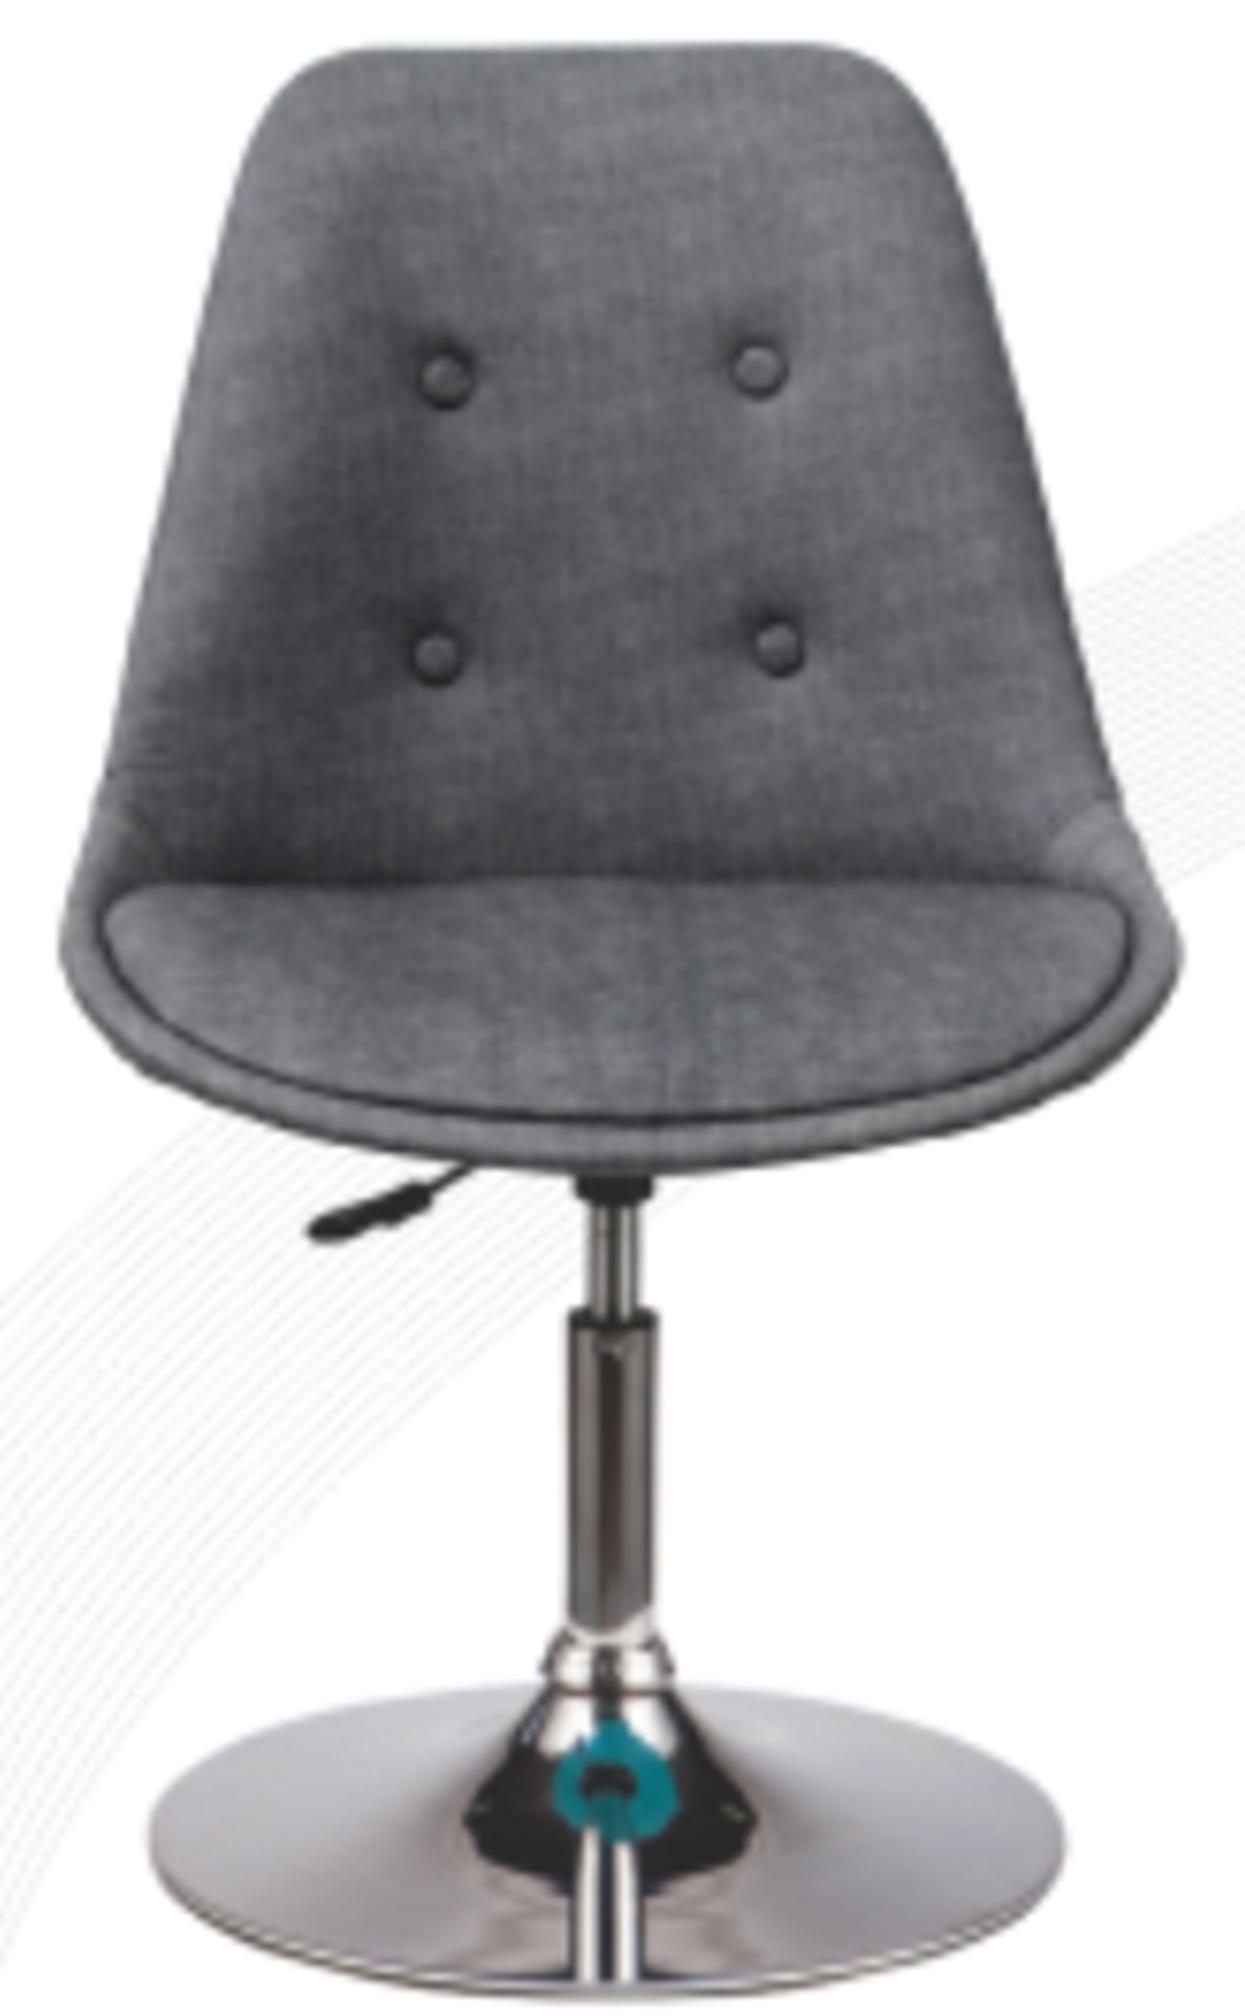 Ghế quầy thấp KG-188M